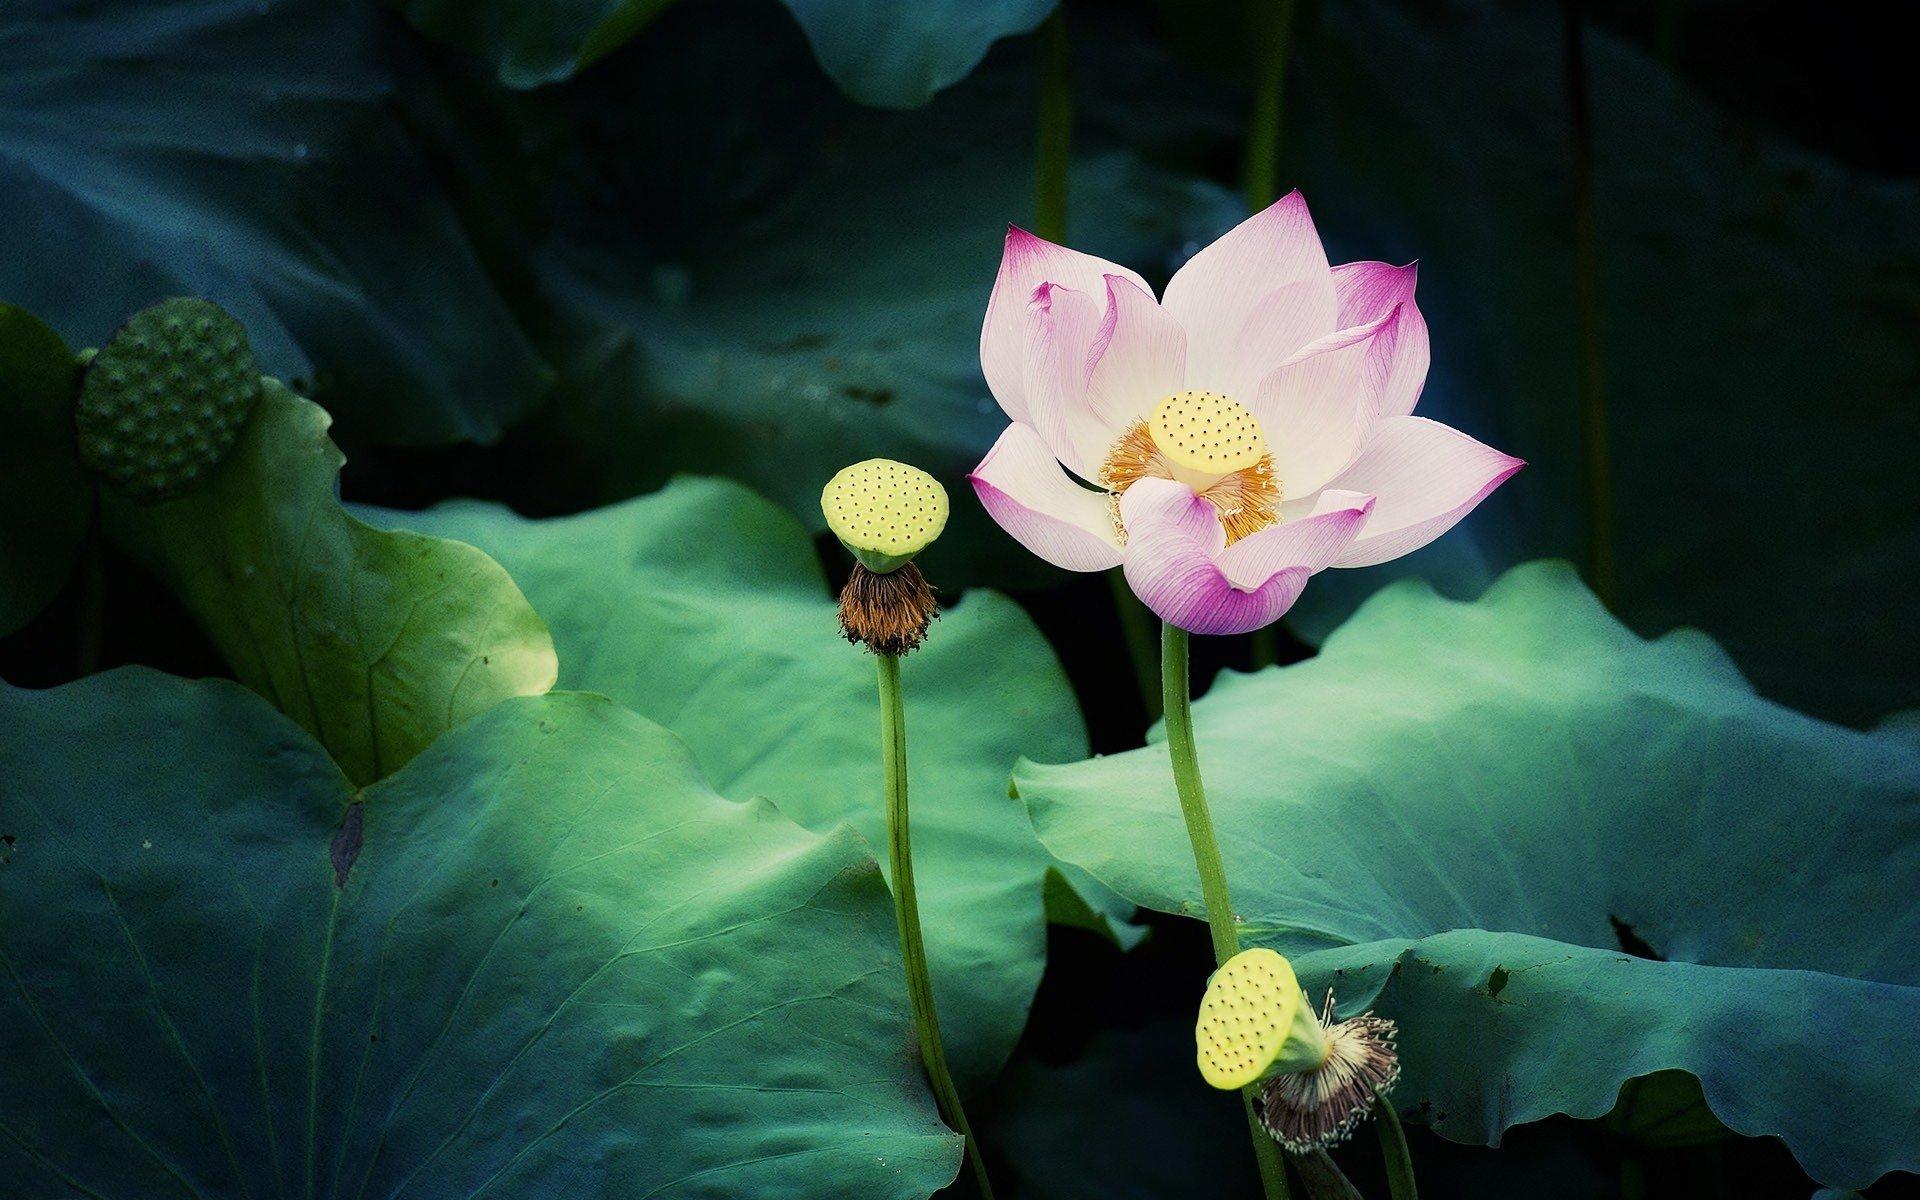 hình ảnh hoa sen đẹp mê lòng người chất lượng full hd số 11